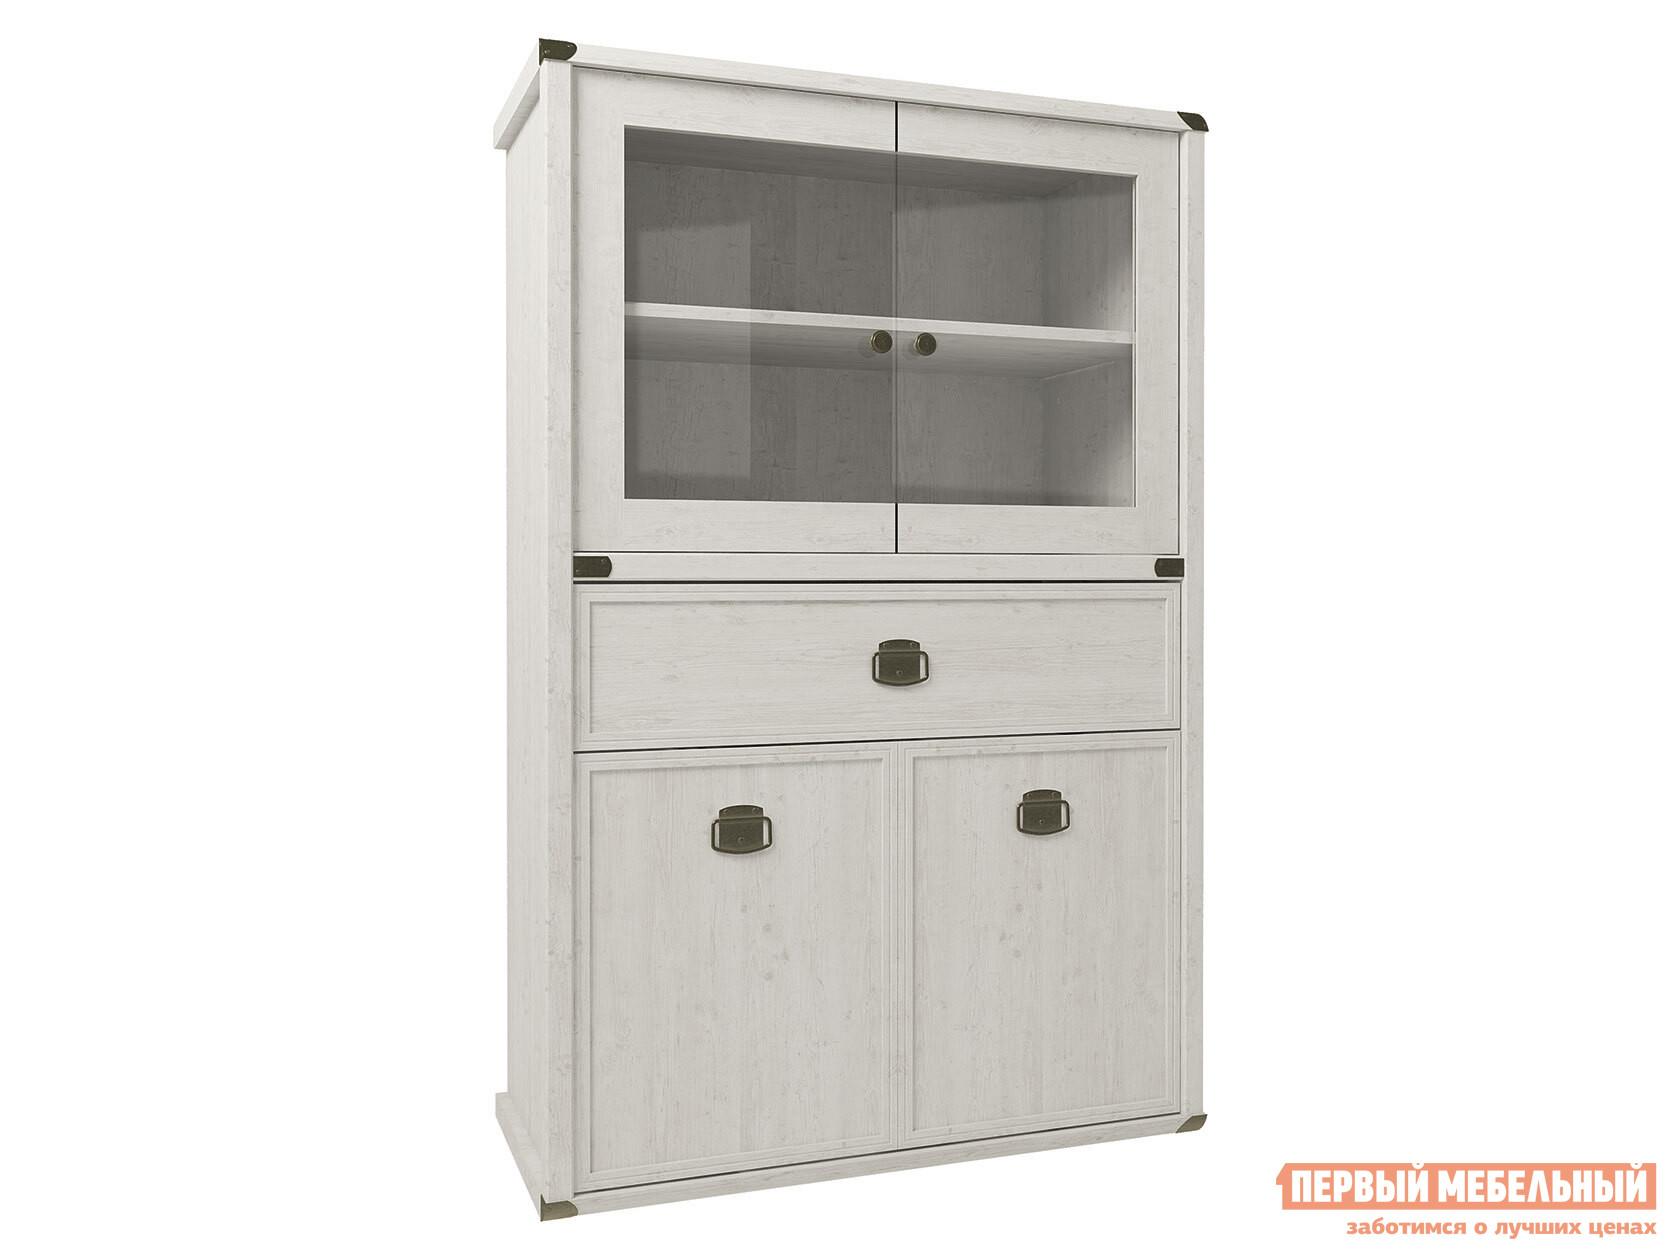 Шкаф-витрина Первый Мебельный Шкаф-витрина низкий Магеллан